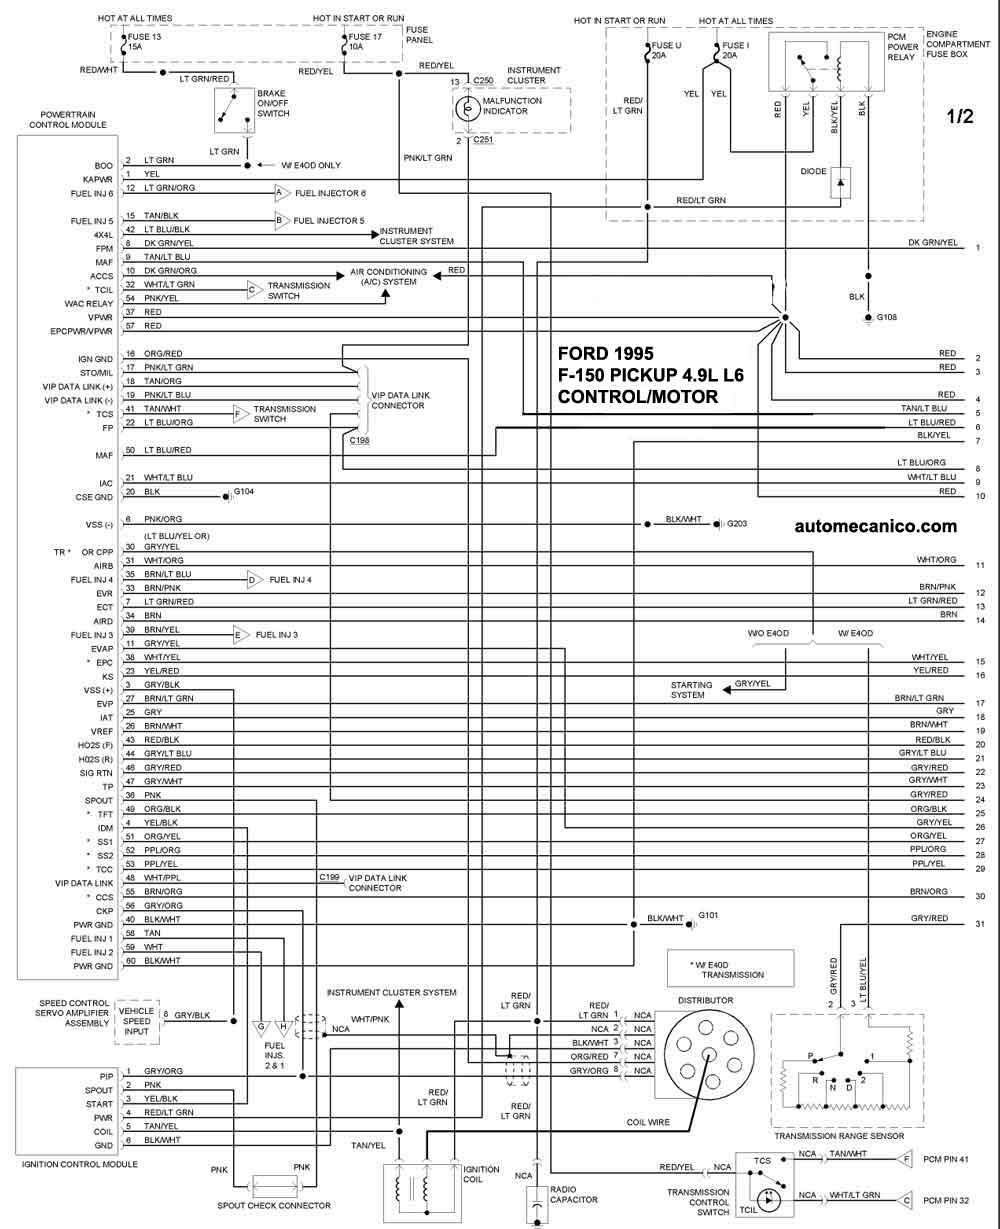 ford -1995 - diagramas control del motor